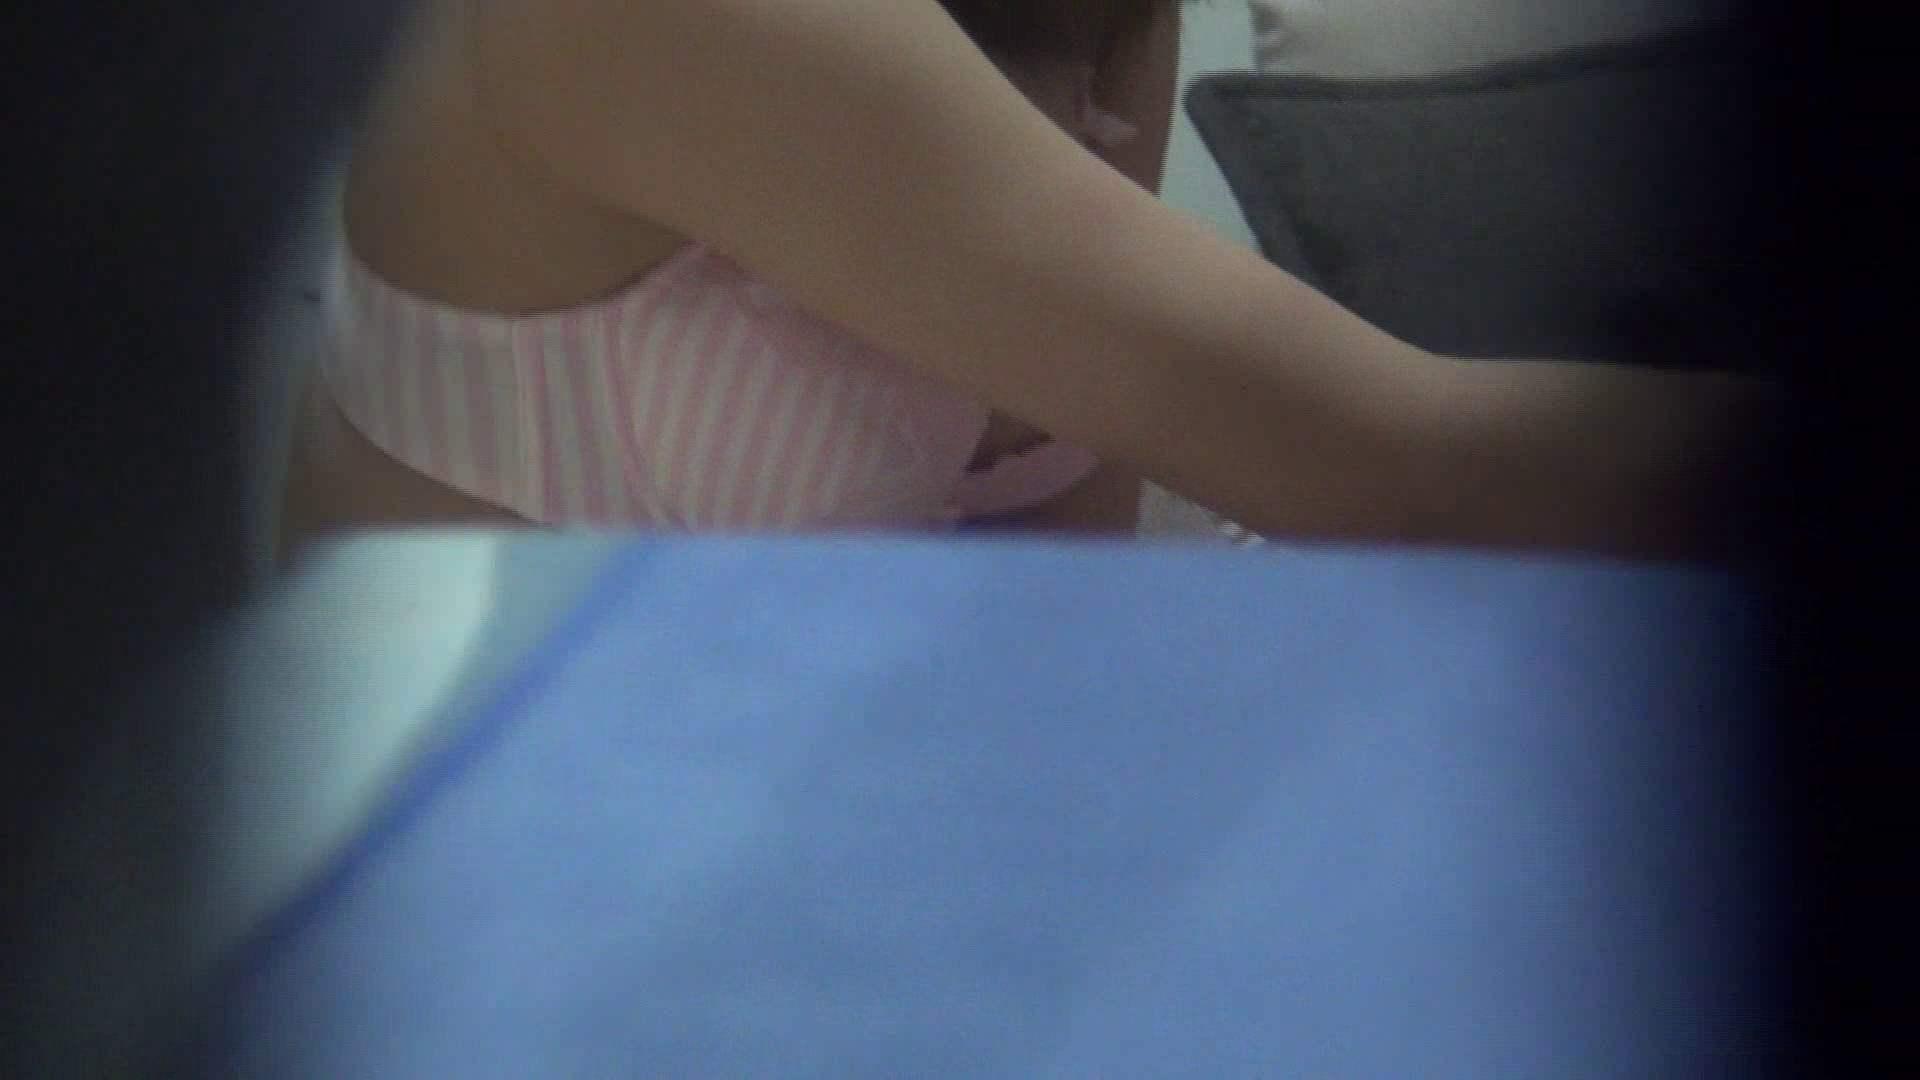 巨乳 乳首:【05】仕事が忙しくて・・・久しぶりにベランダで待ち伏せ:大奥